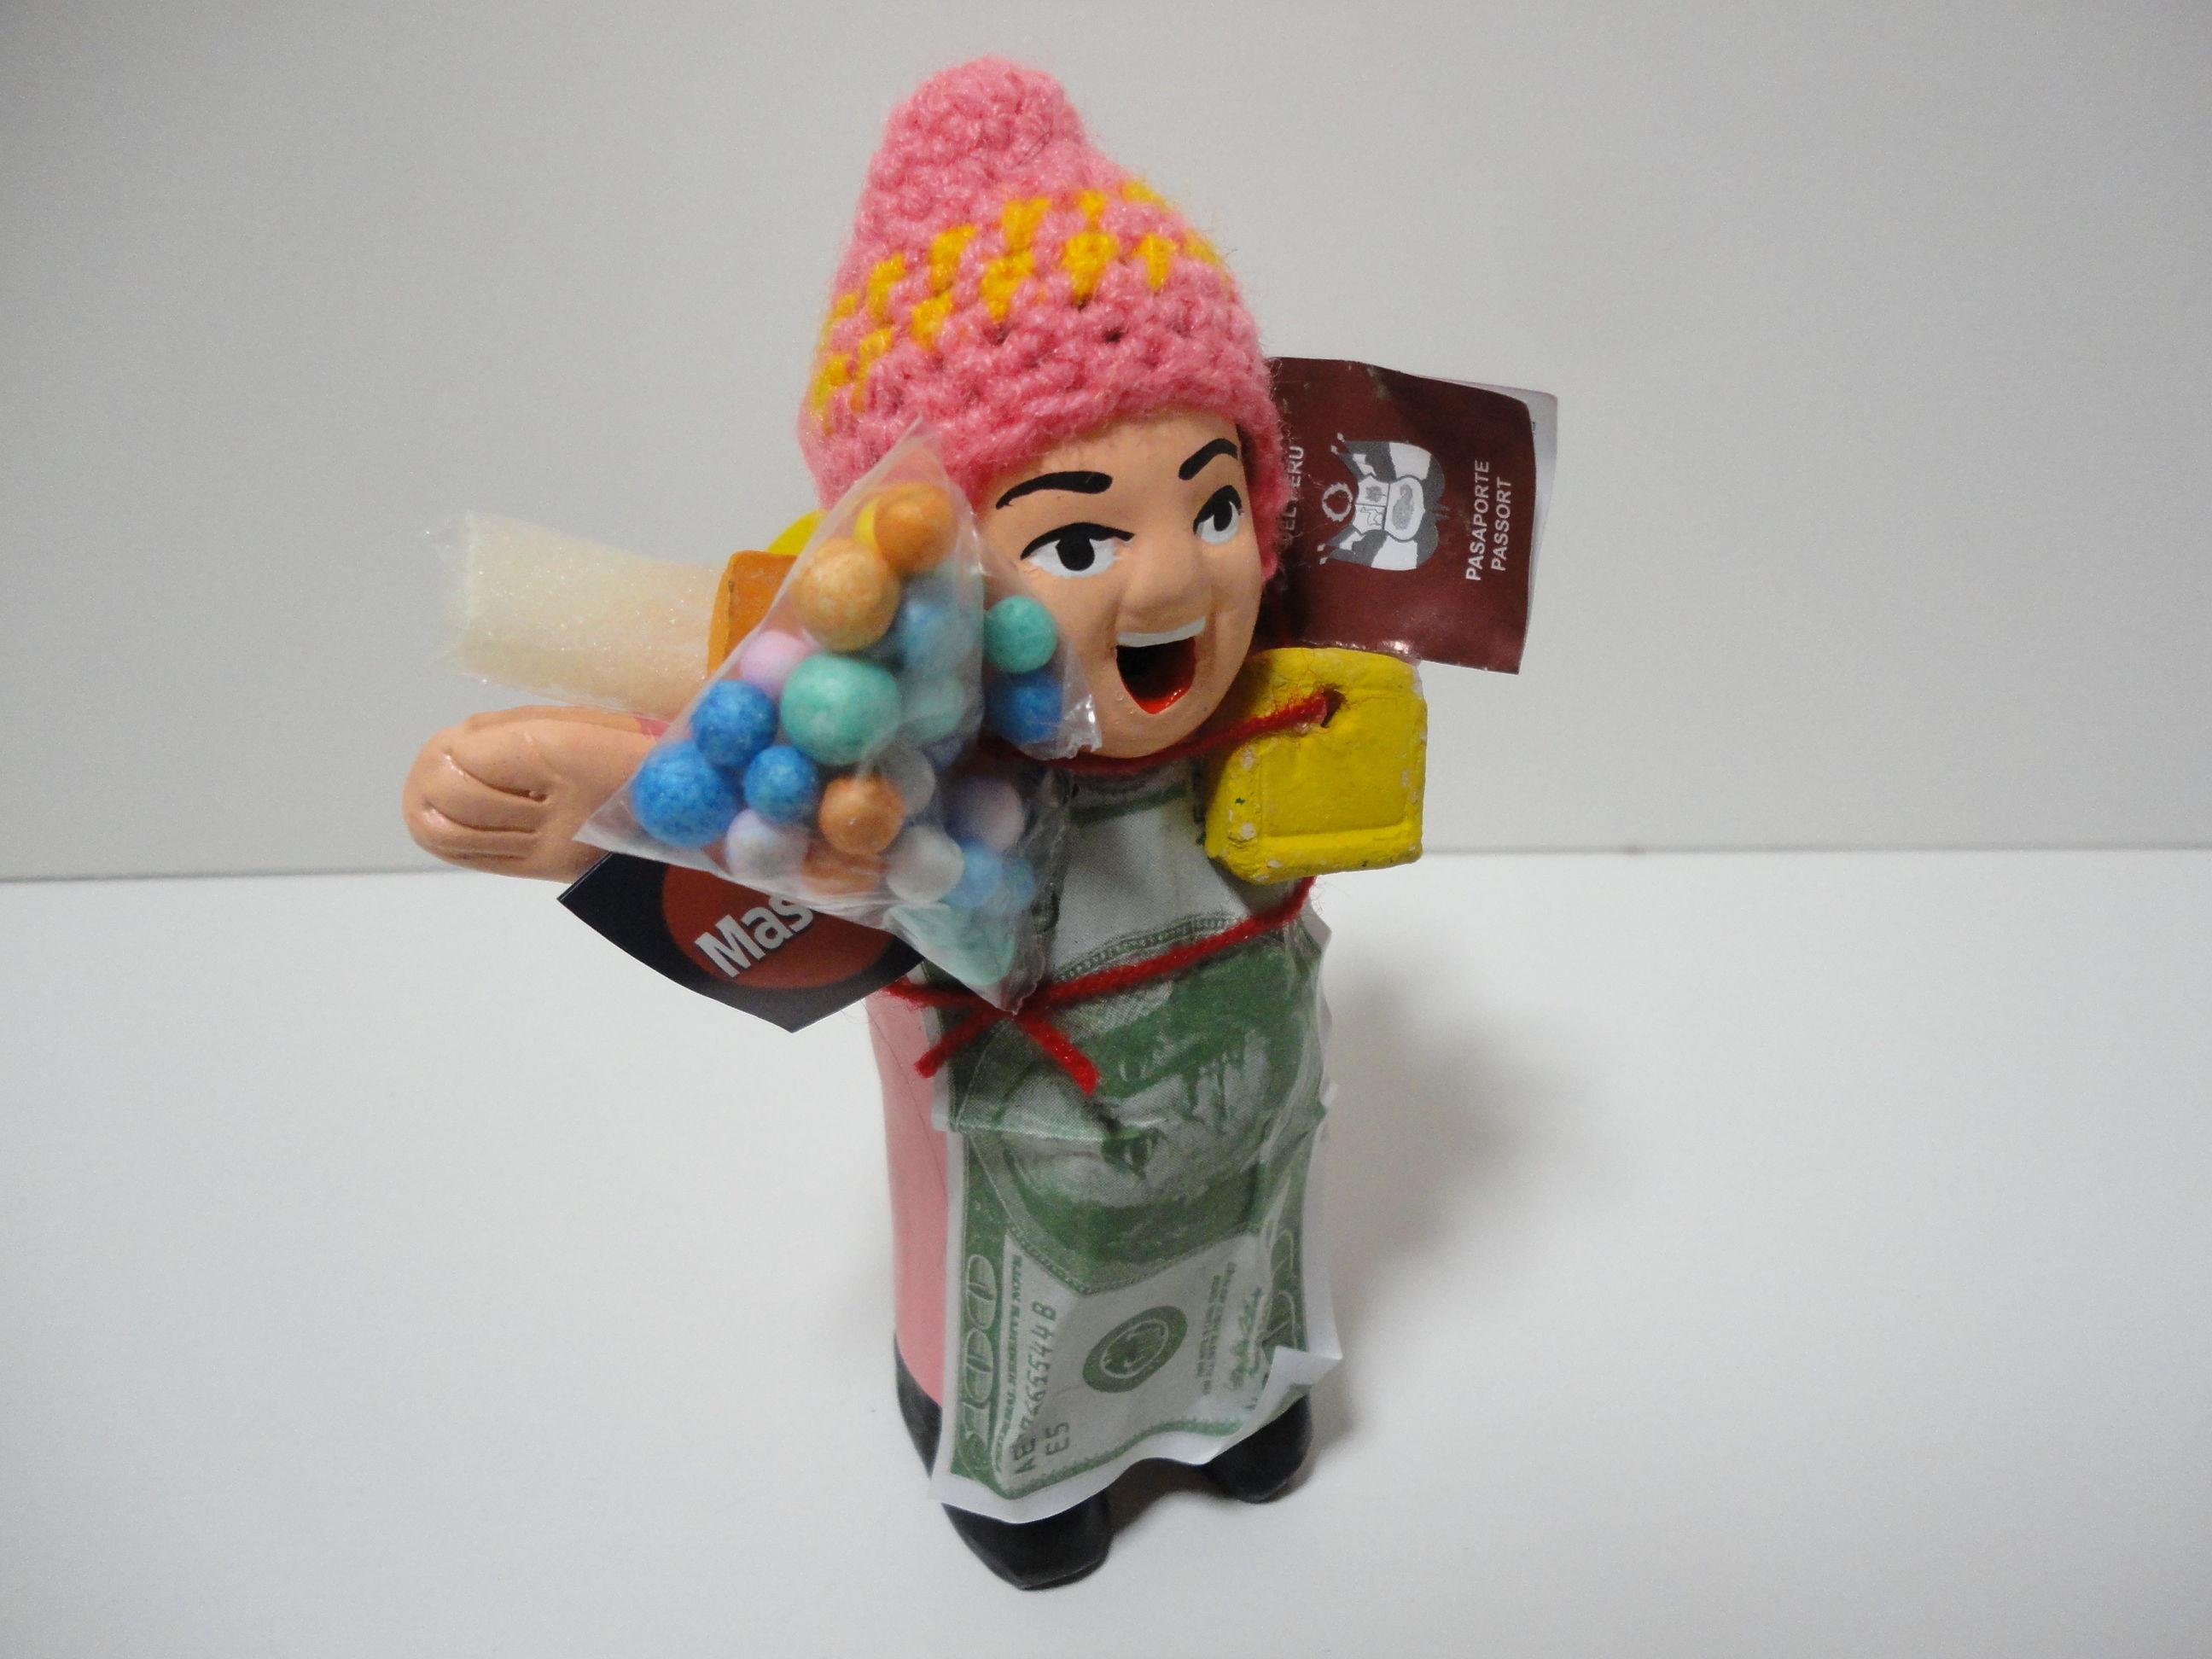 エケコ人形14㎝(日本向けエケコ人形)